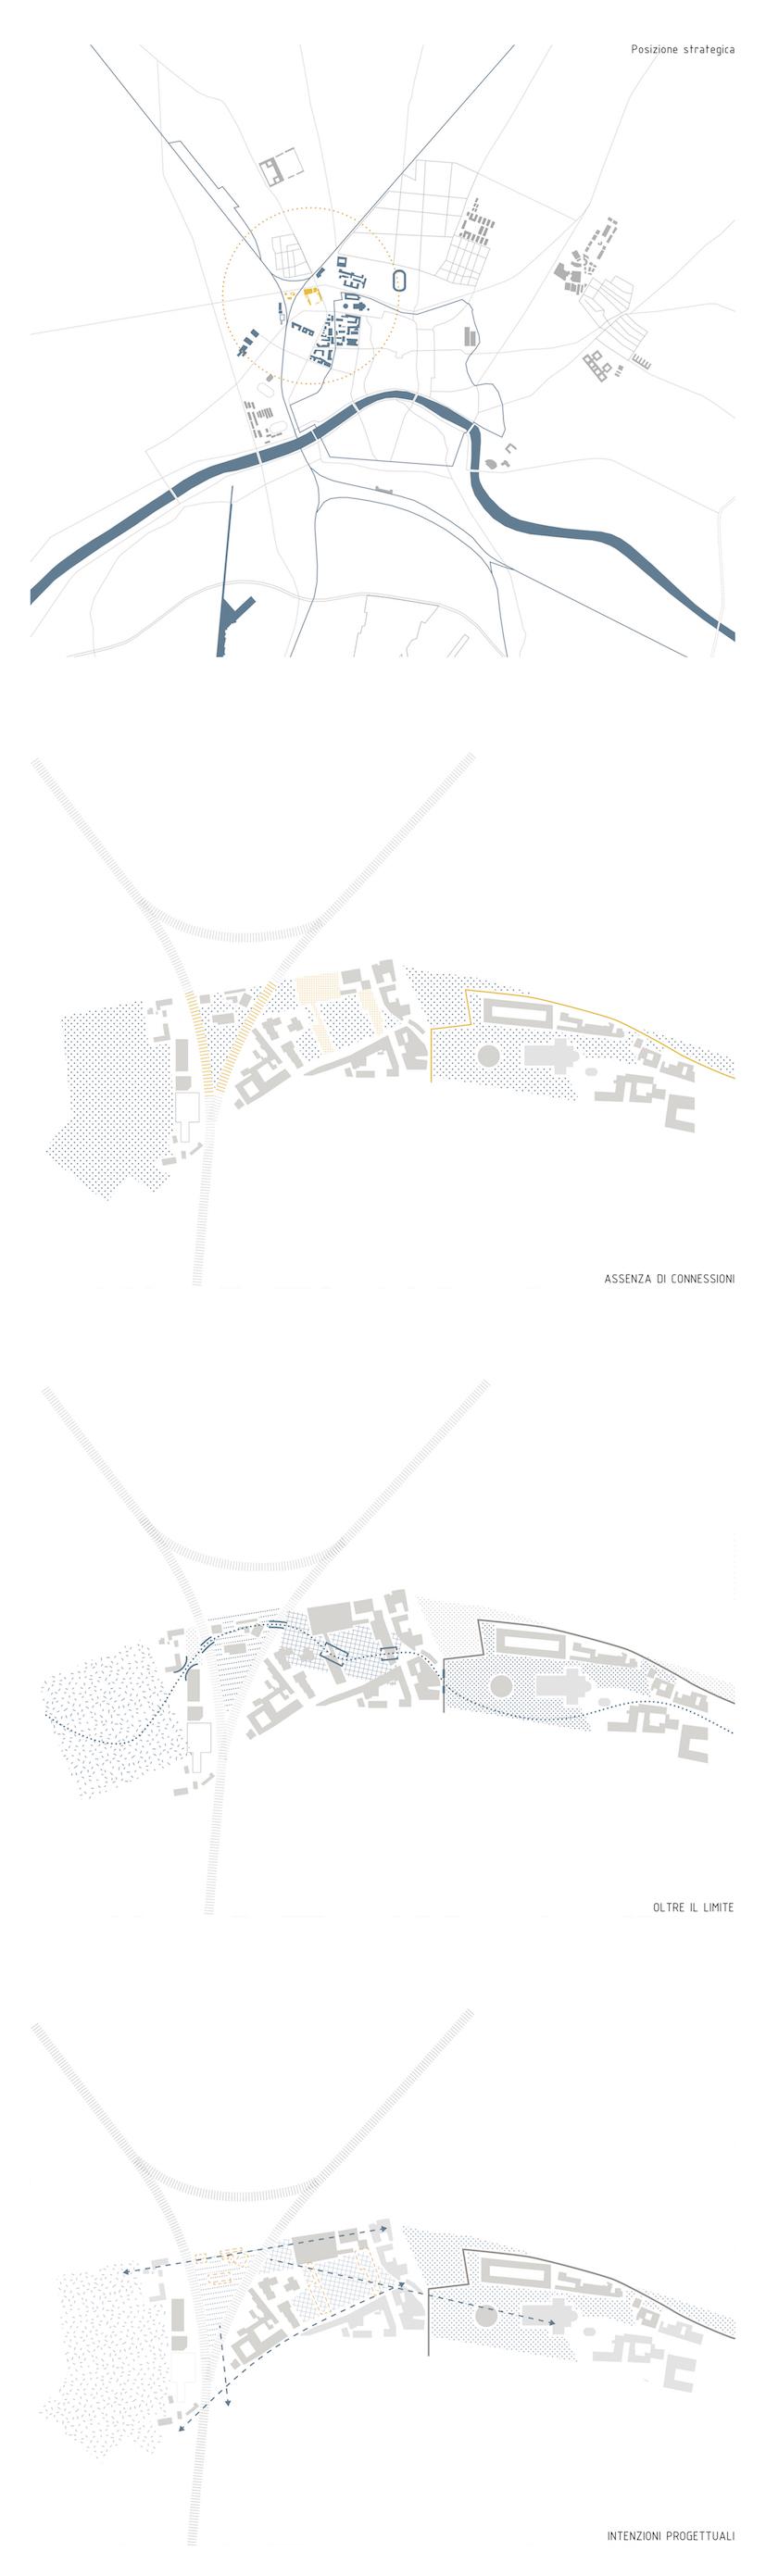 1_Urban concept